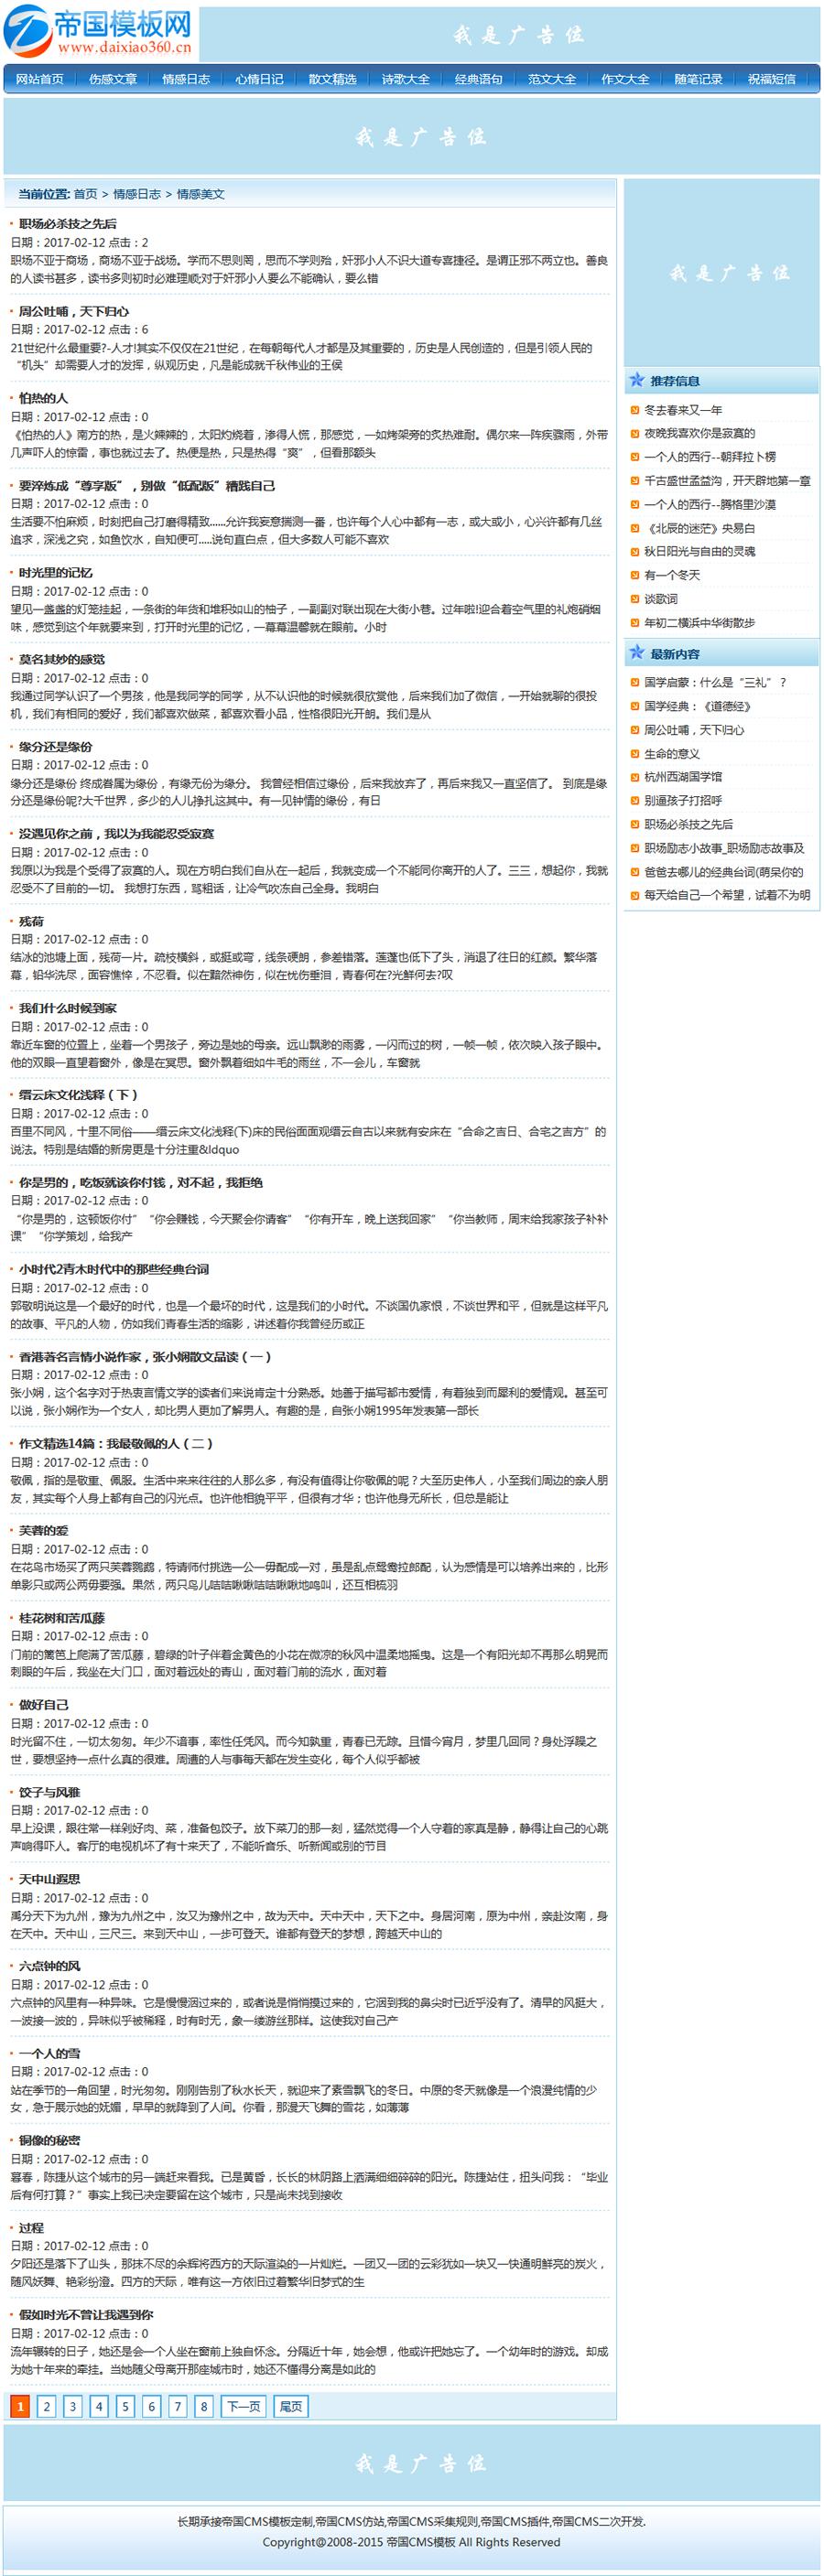 帝国CMS文章资讯新闻类模板加手机移动端wap模板_电脑版列表模板